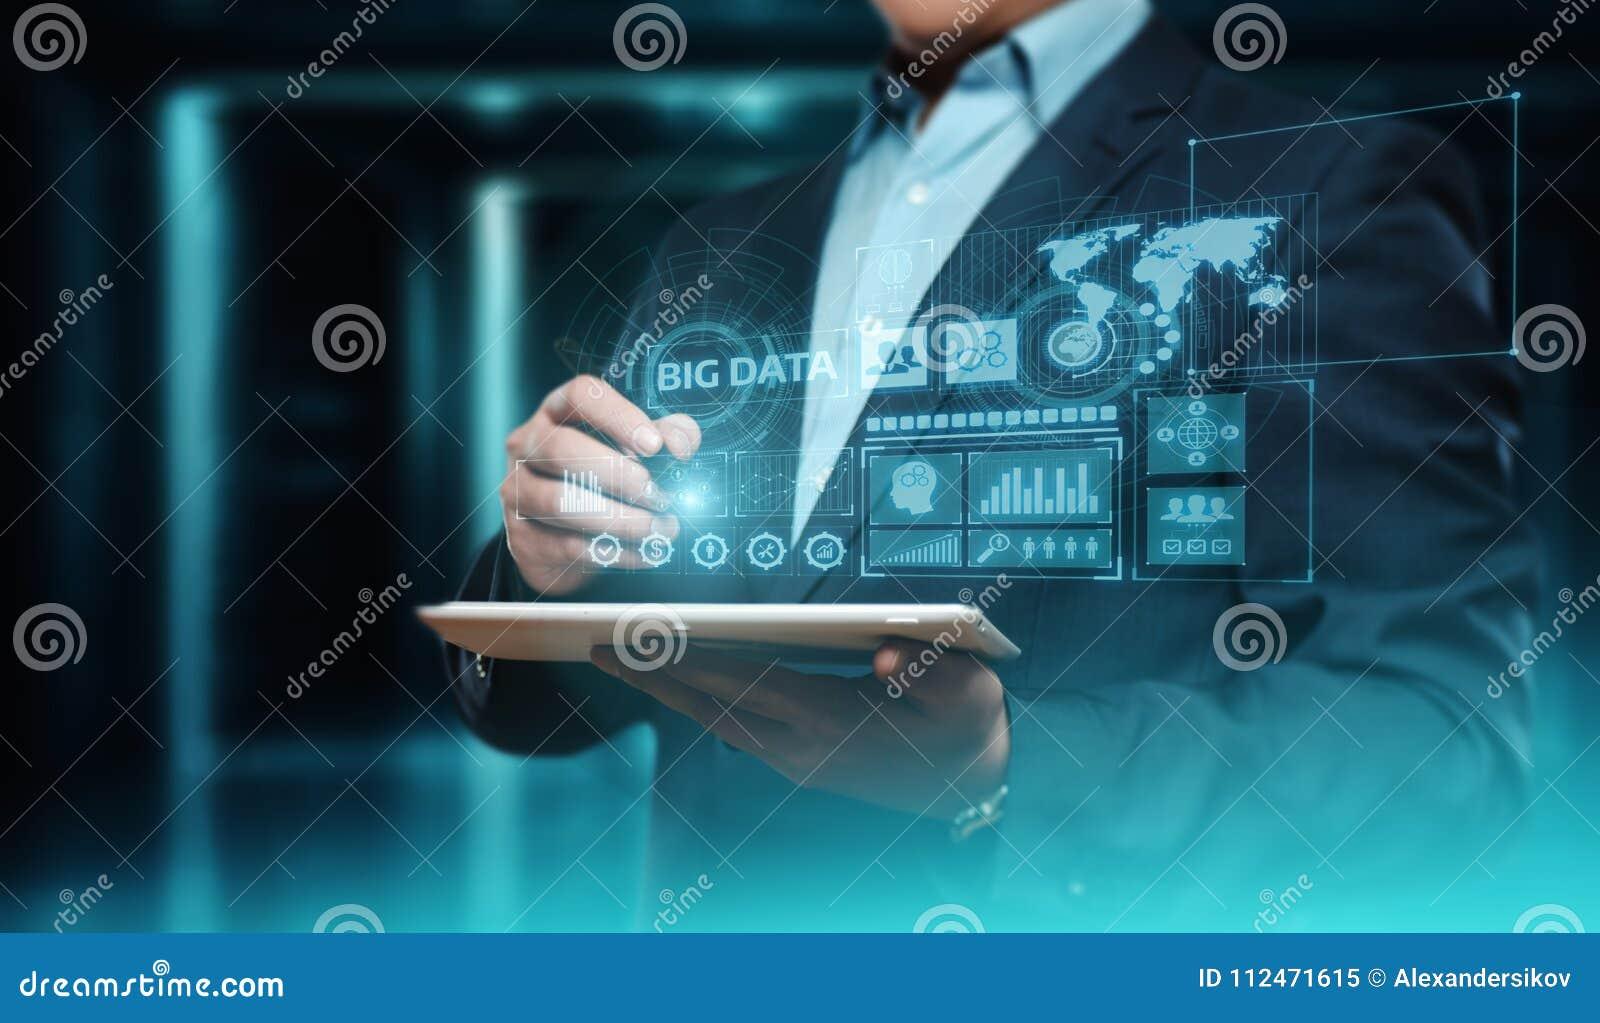 Concepto grande de la información del negocio de la tecnología de la información de Internet de los datos